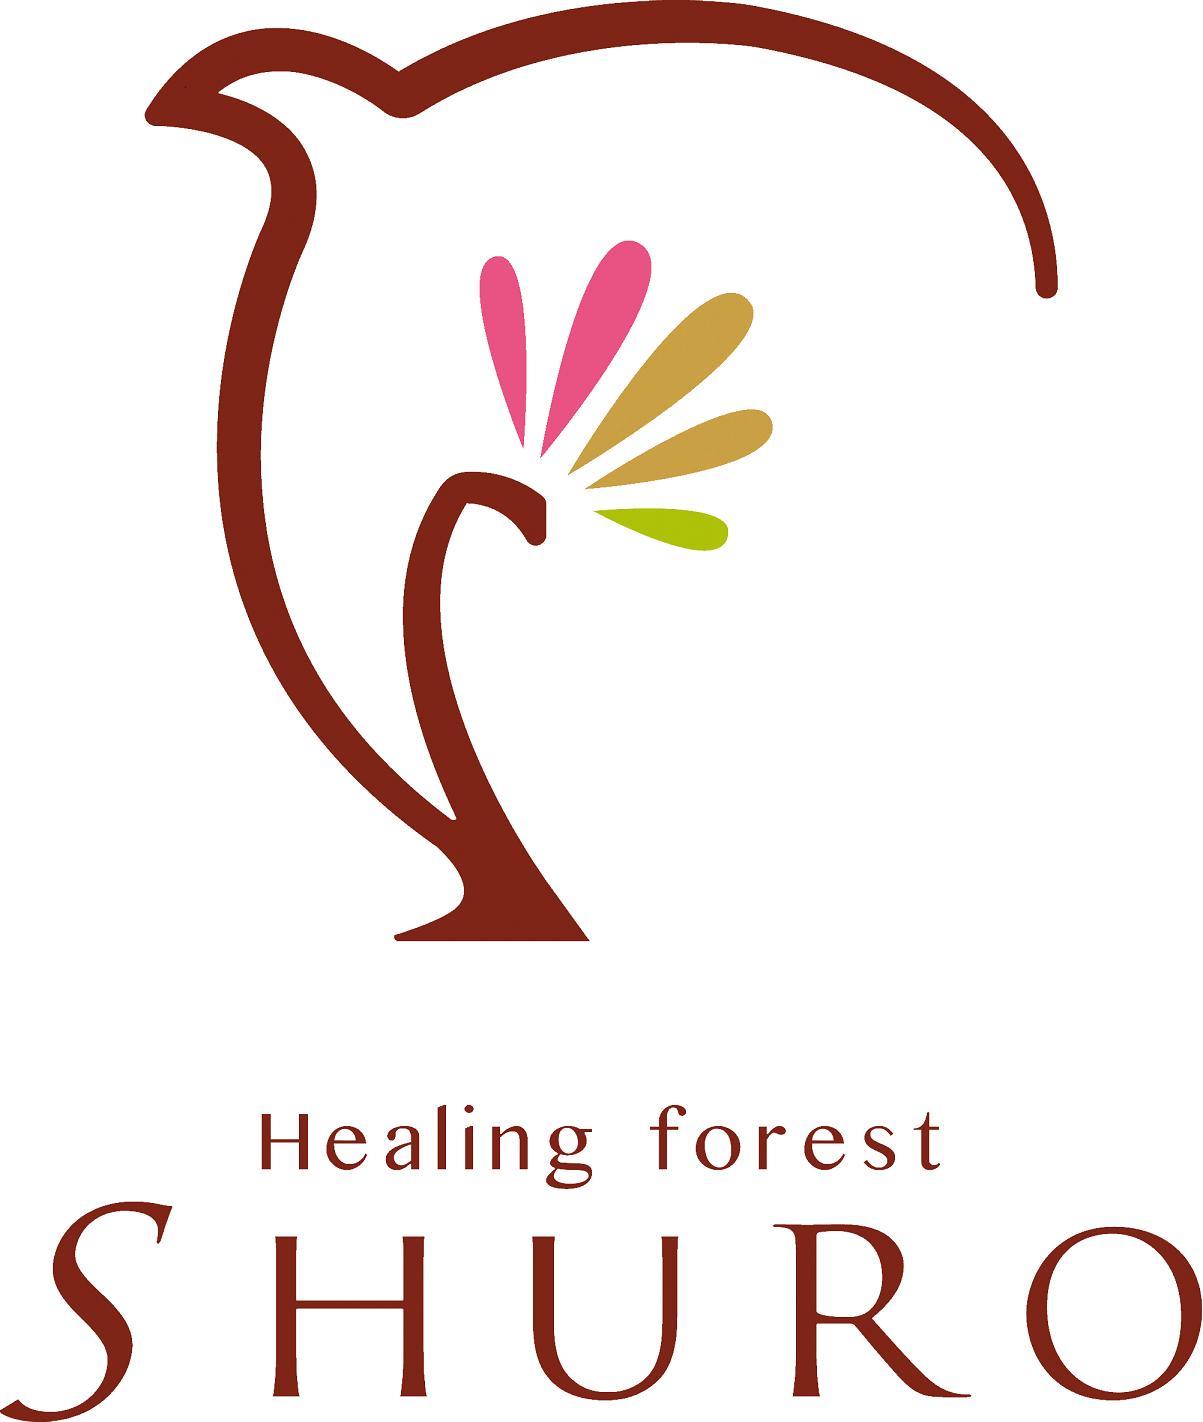 セラピスト【土日のみ勤務】(癒しの森~Healing forest Shuro 美浜店~)